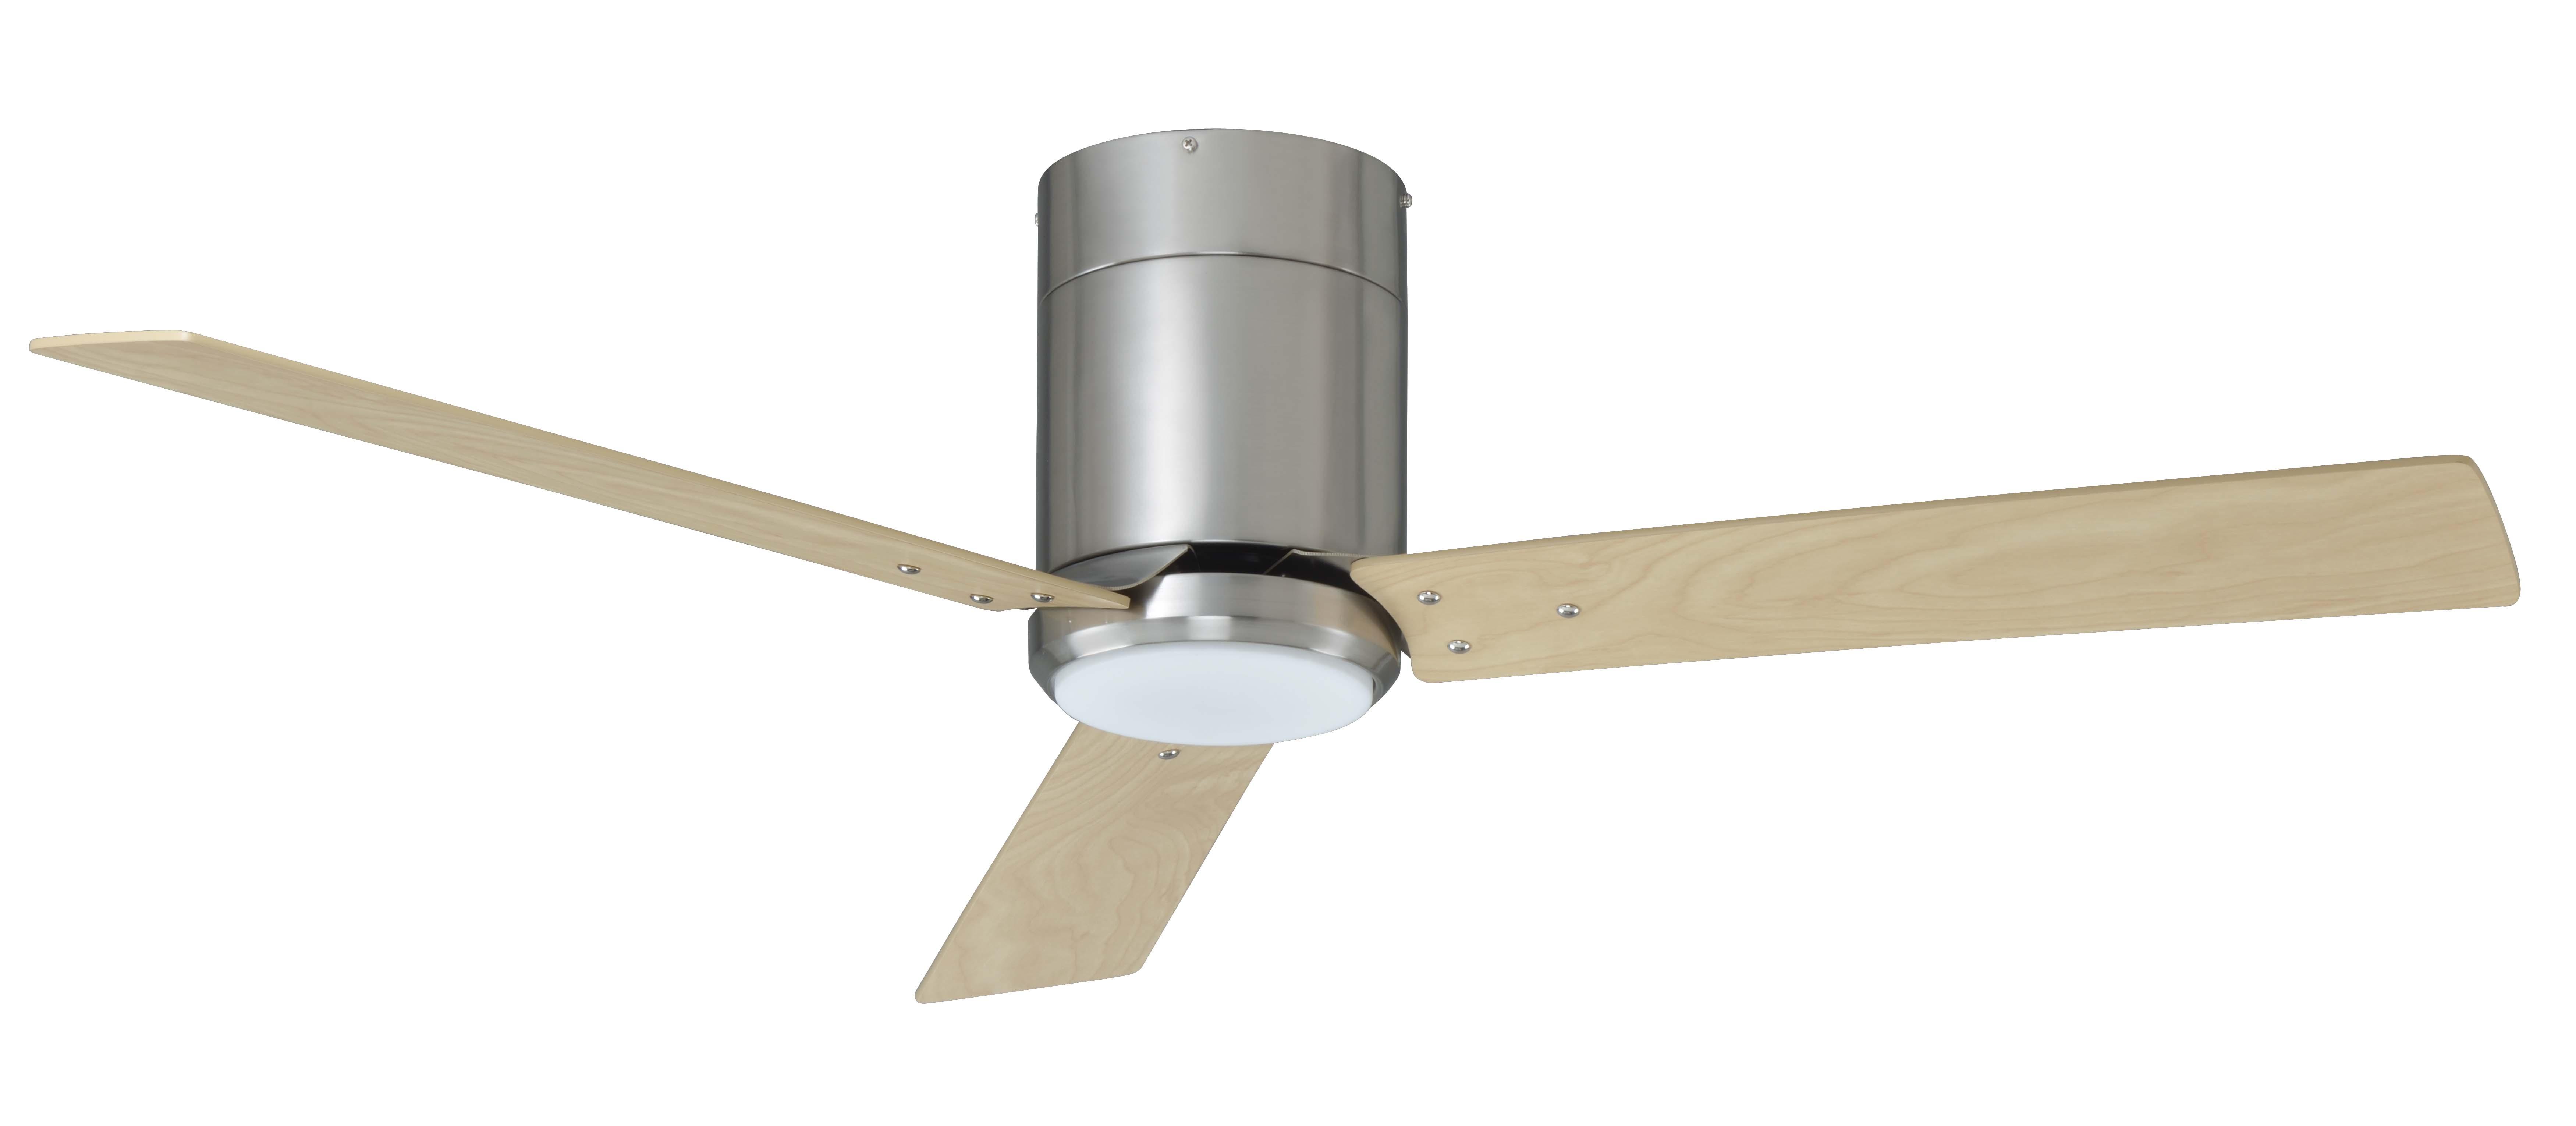 3 blade 52 in hugger fan w integrated LED light kit RP LIghting